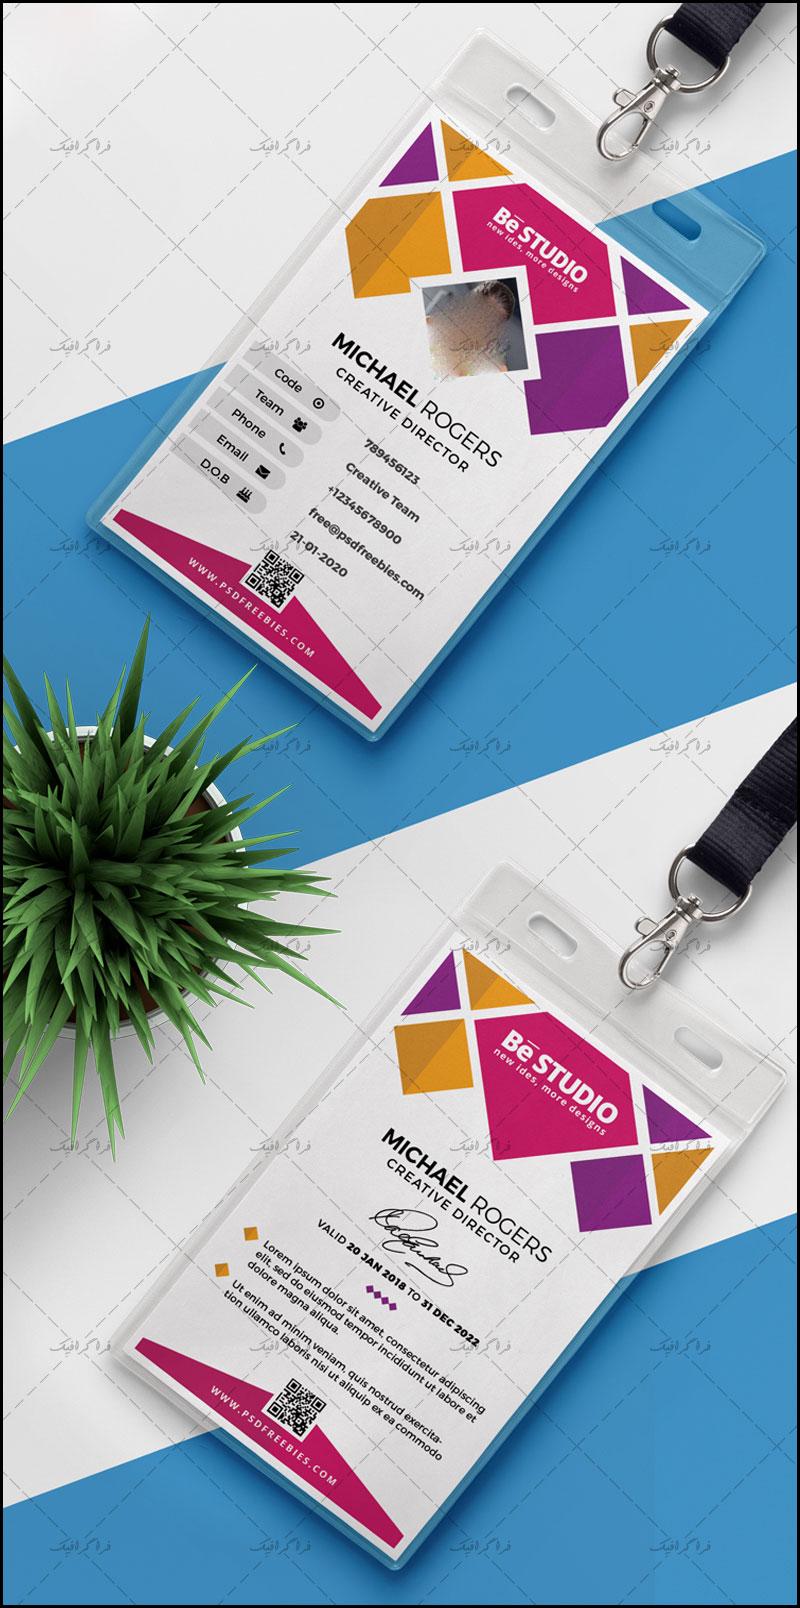 دانلود فایل لایه باز فتوشاپ کارت شناسایی - شماره 4